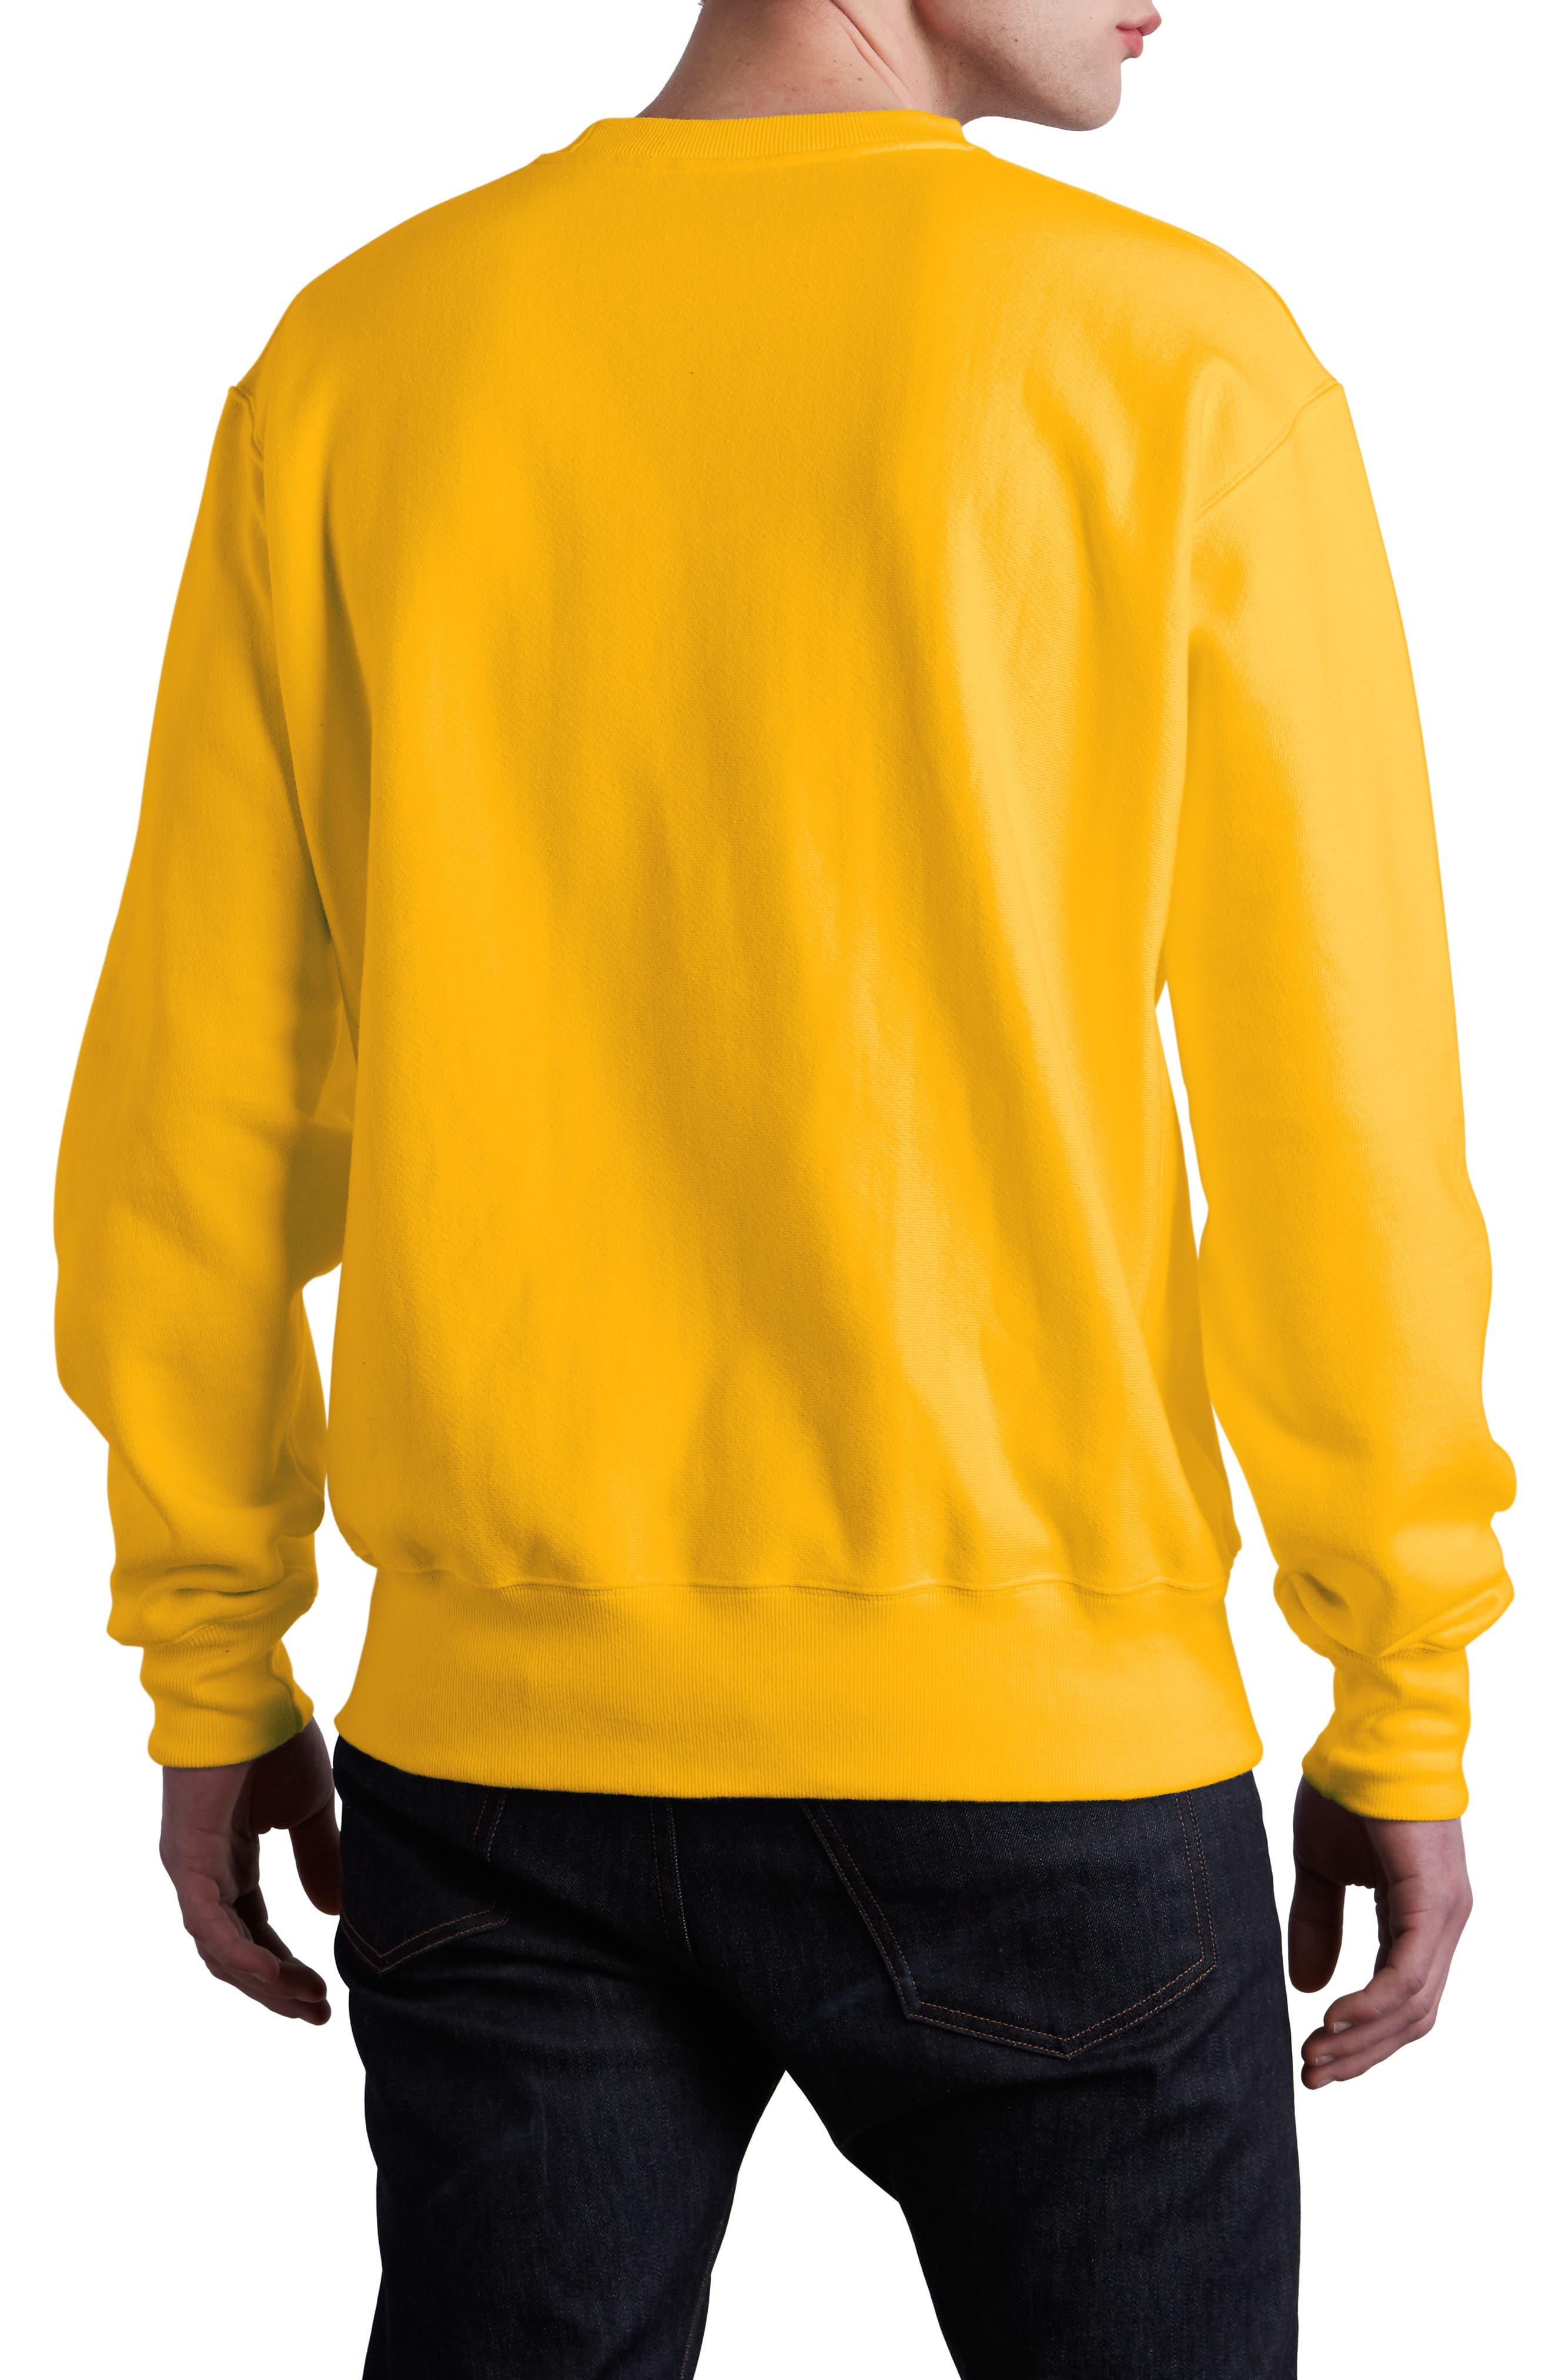 Chainstitched Script Logo Crewneck Sweatshirt,                             Alternate thumbnail 2, color,                             CHAMPION GOLD